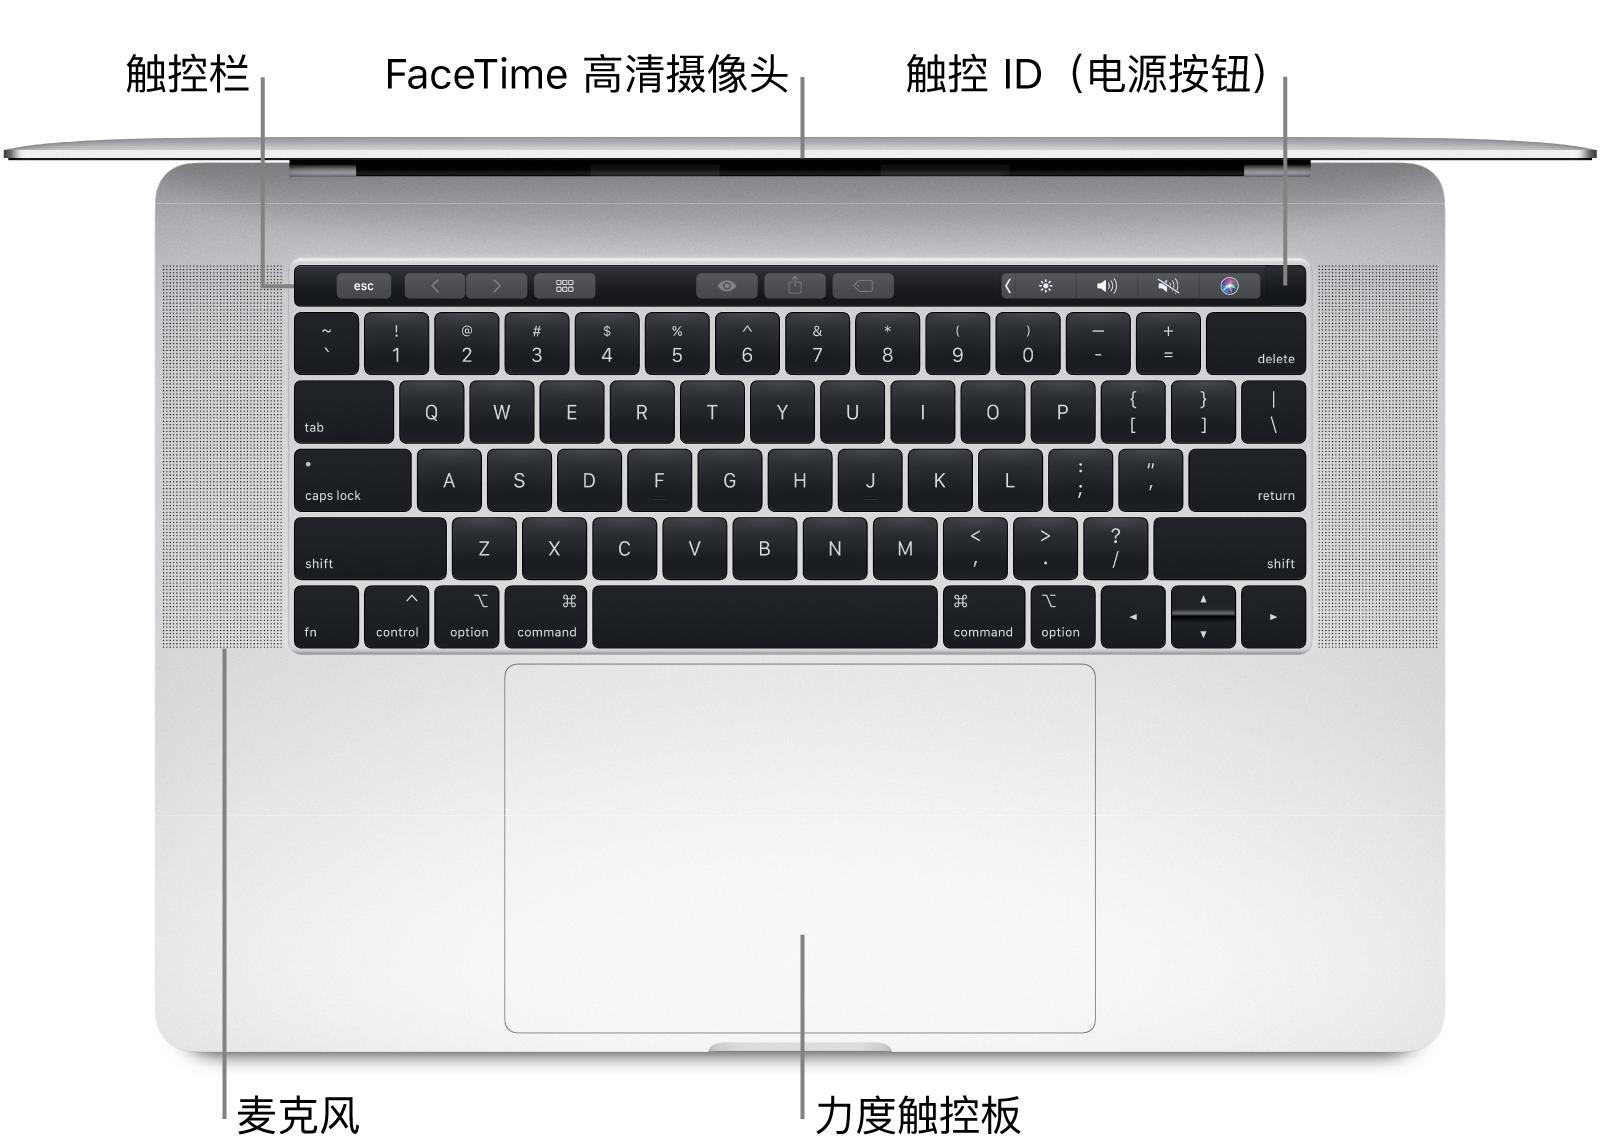 已开机的 MacBook Pro 俯视图,标注有触控栏、FaceTime 高清摄像头、触控ID(电源按钮)、麦克风和力度触控板。